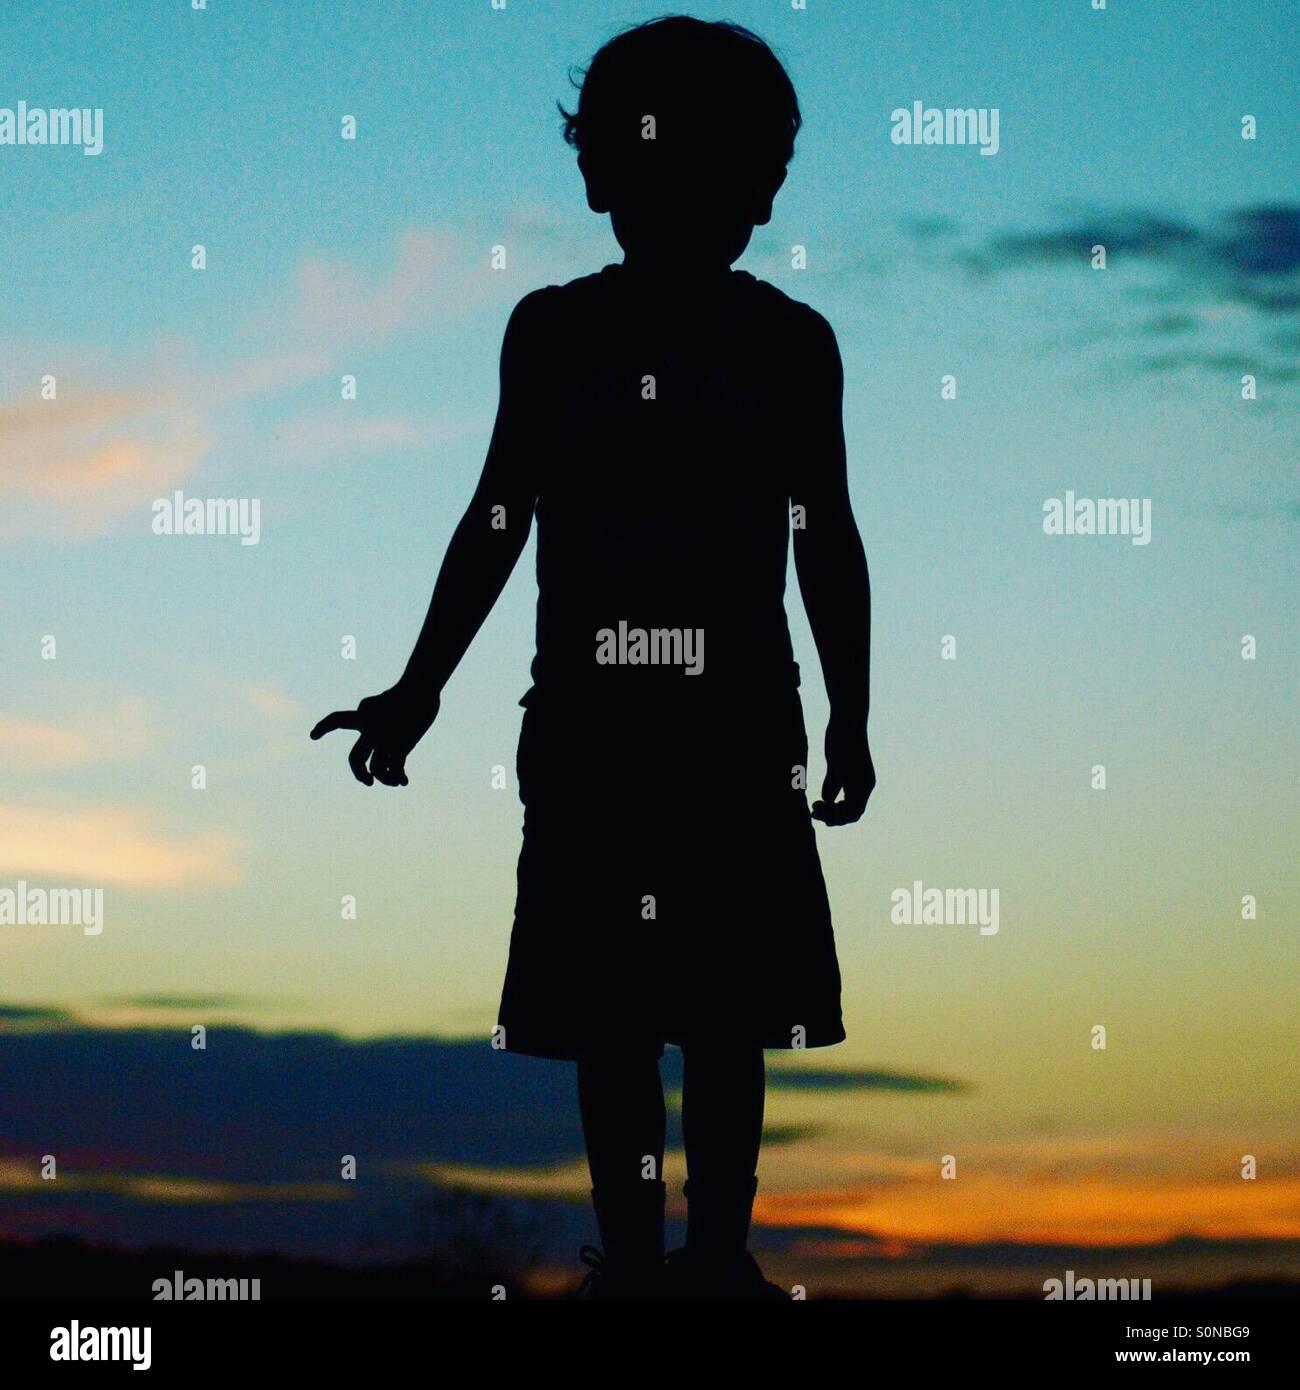 Junge silhouette Stockbild